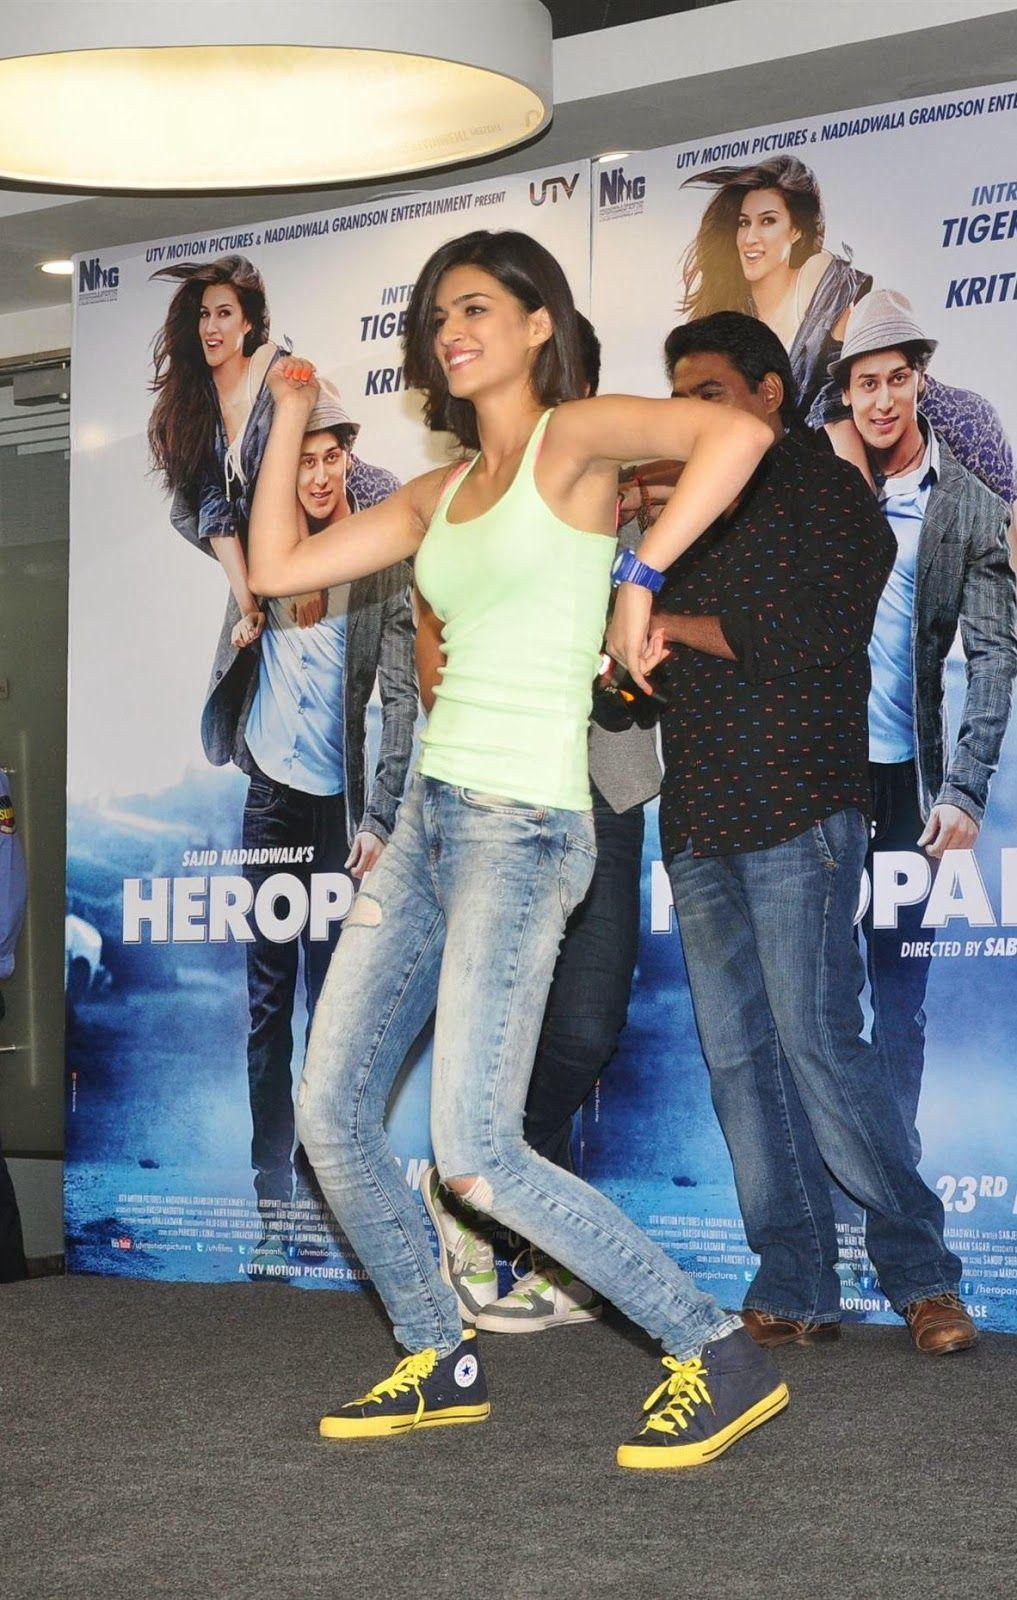 Kriti Sanon Looks Super Sexy In Tight Jeans and Green Figure ...